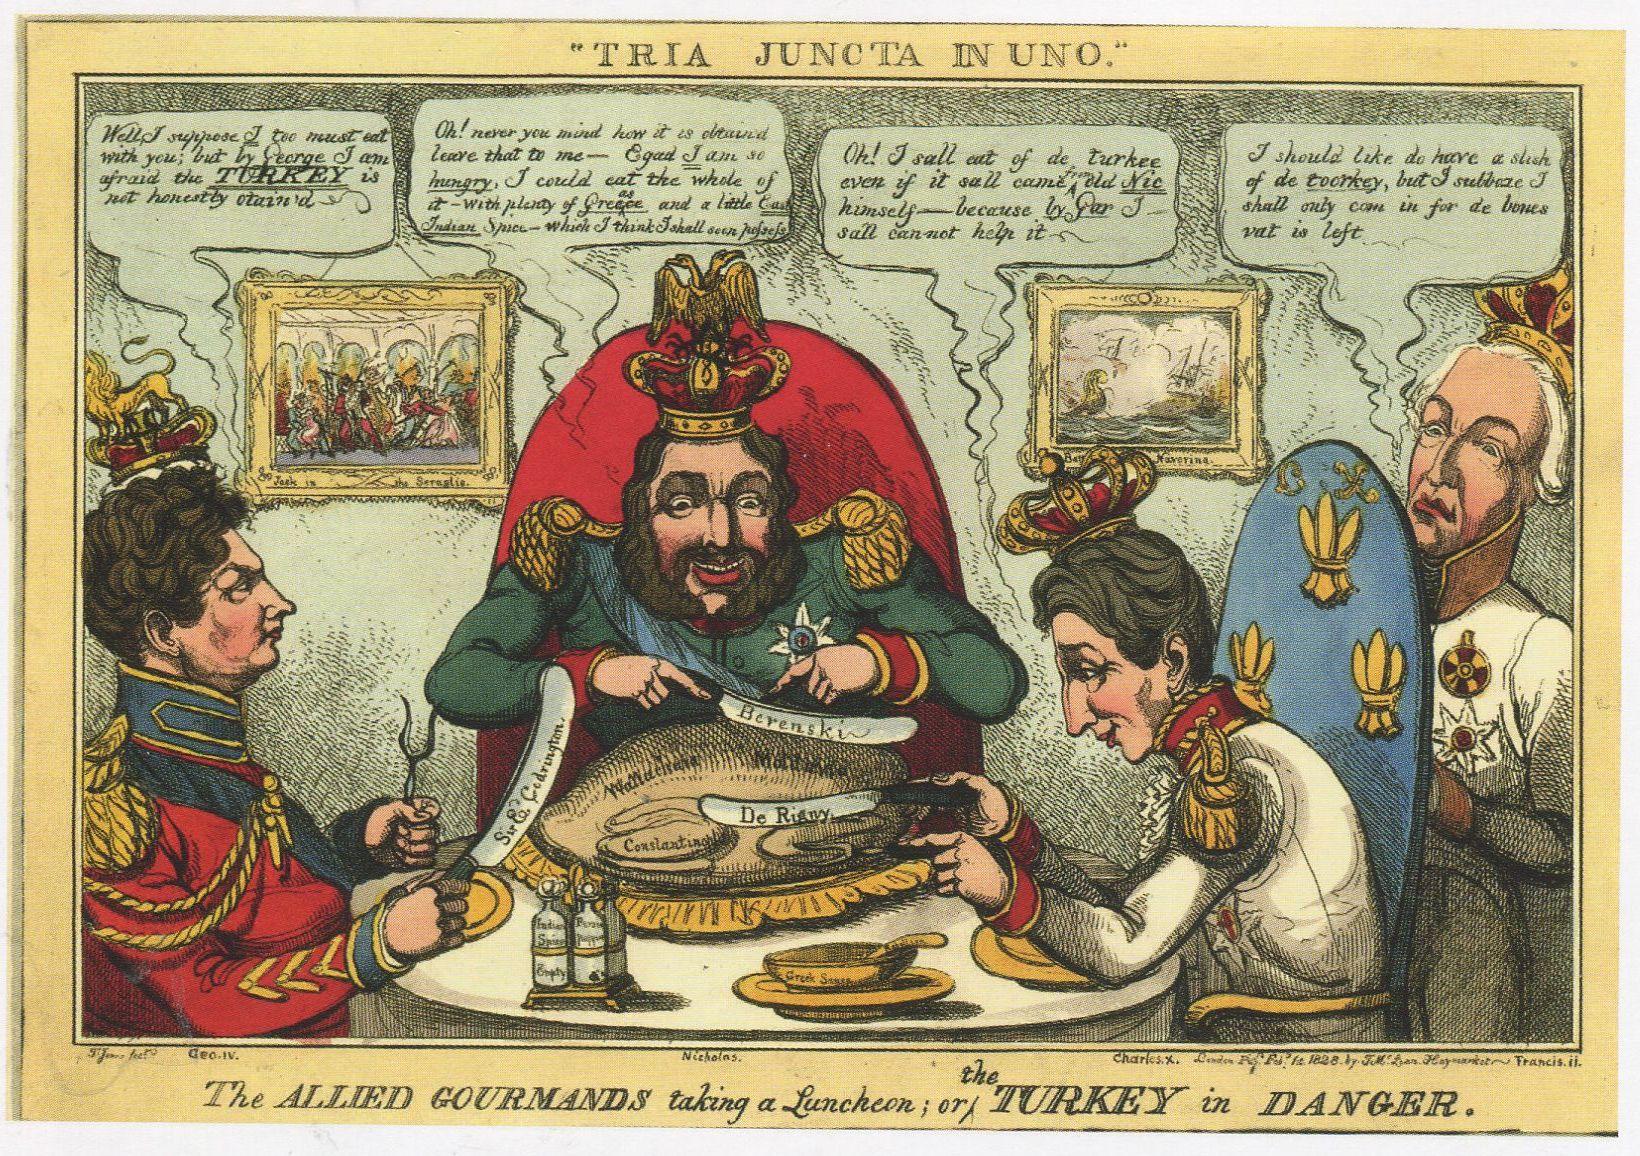 Томас Хоуэлл Джонс. Гурманы-союзники приступают к обеду, или Турция в опасности. 1 февраля 1828